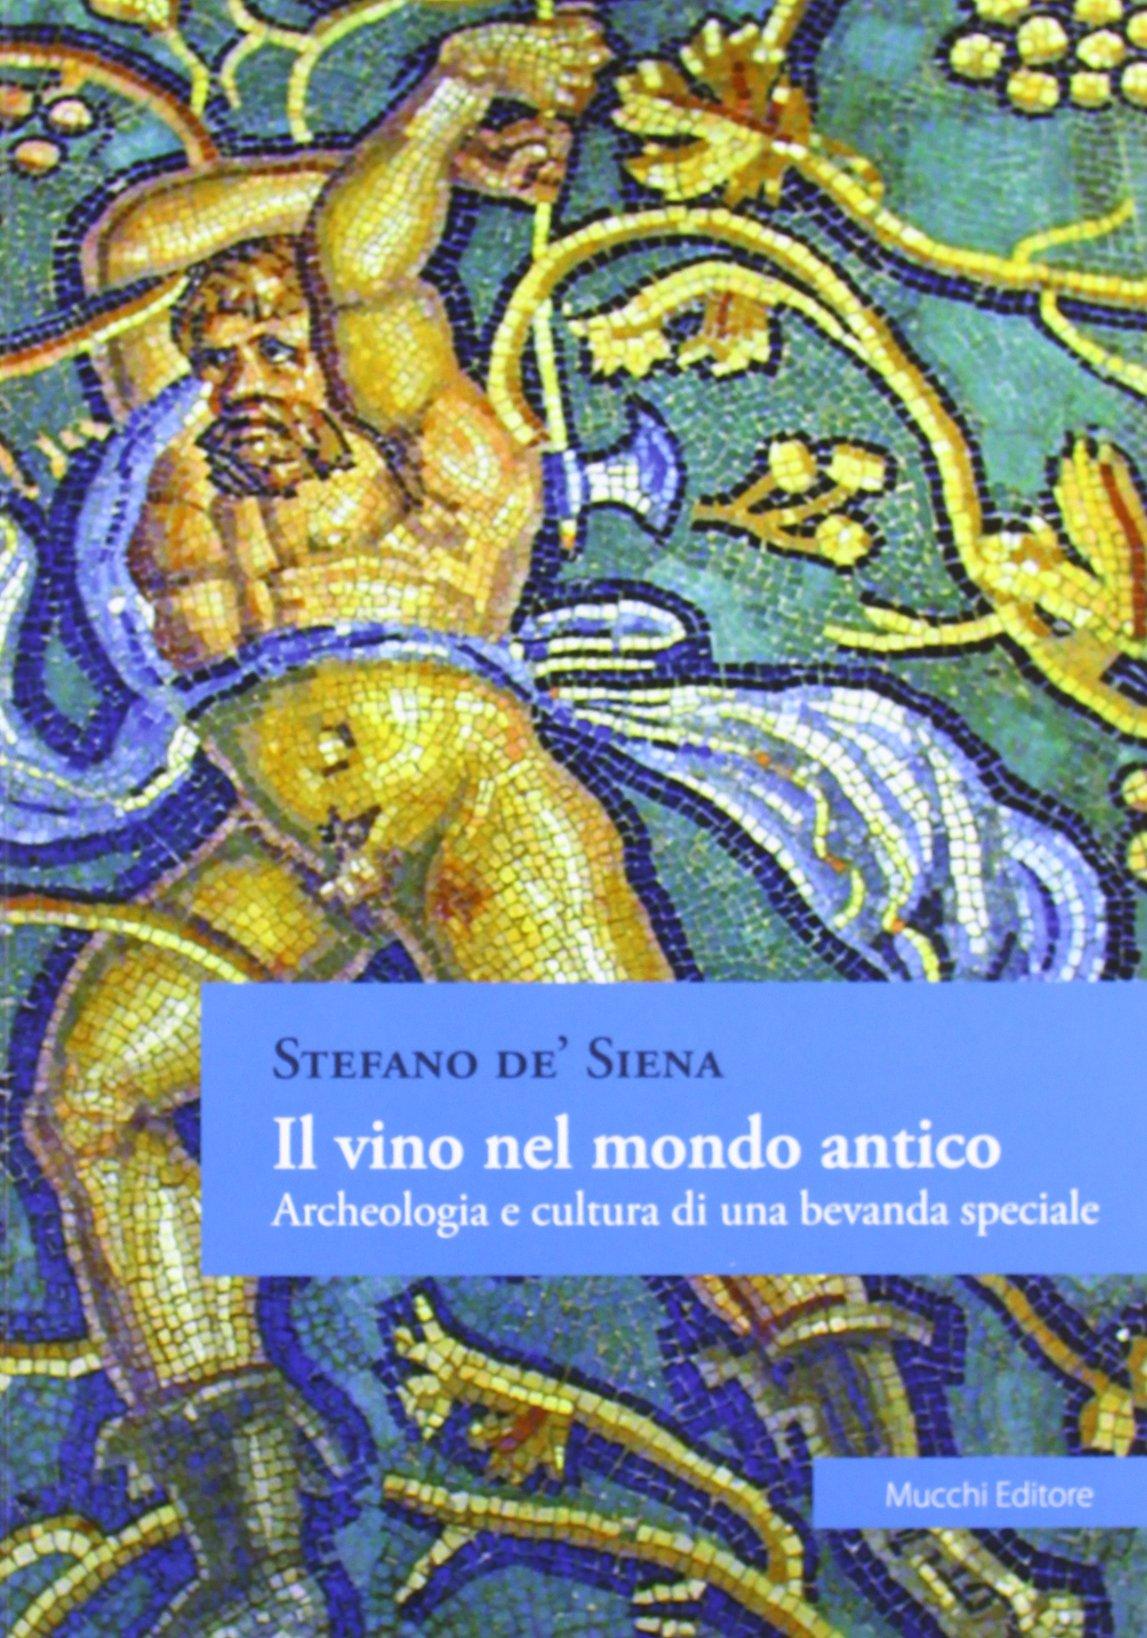 Il vino nel mondo antico. Archeologia e cultura di una bevanda speciale